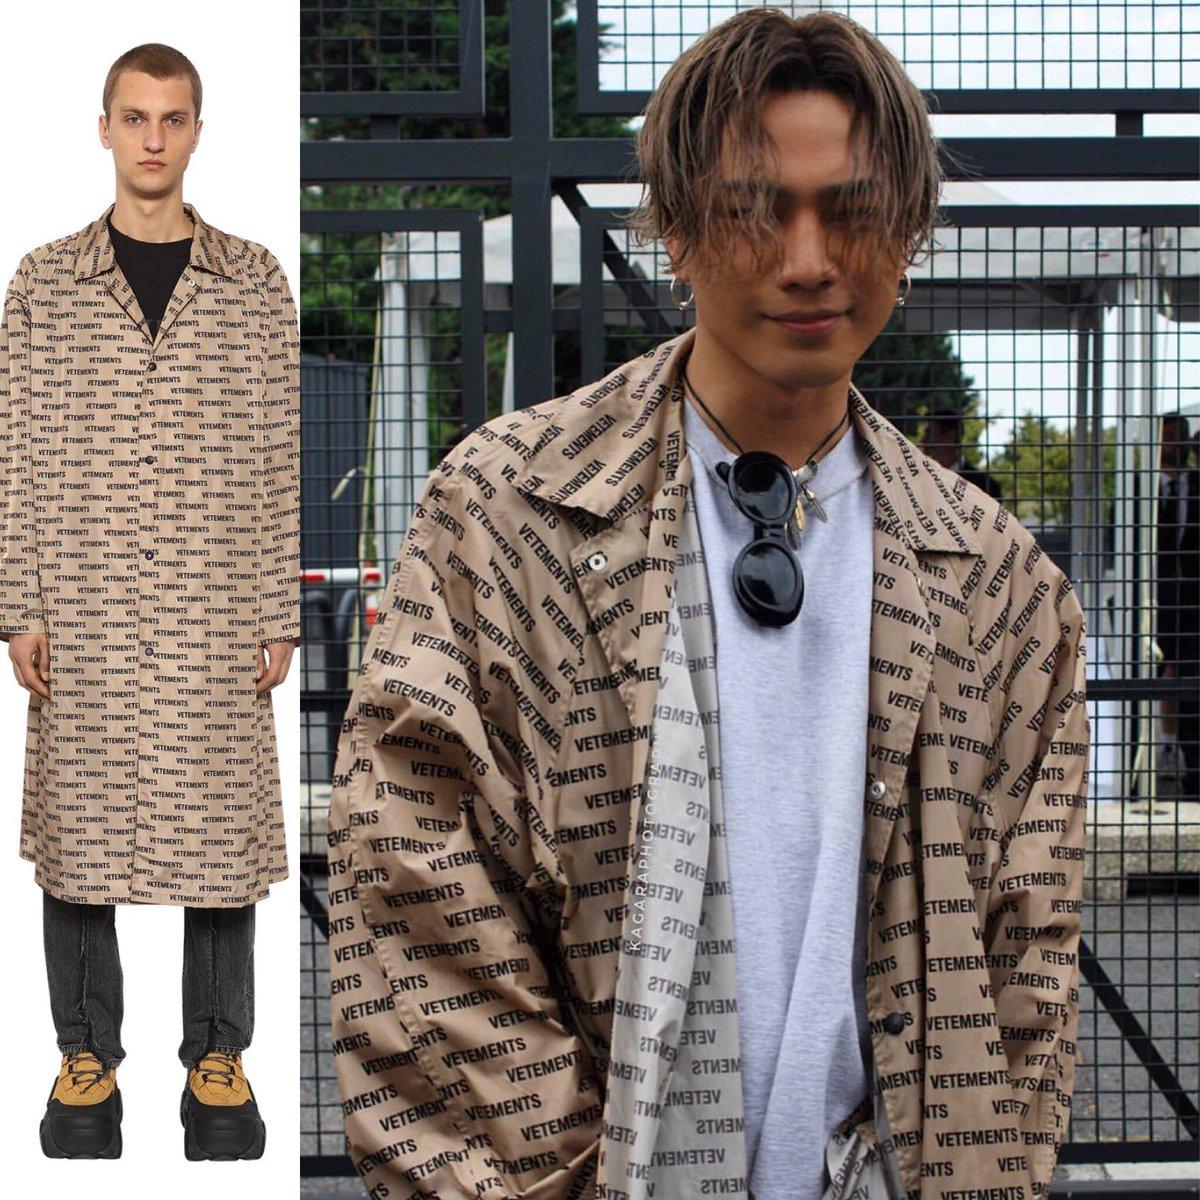 三代目JSoulBroters 登坂広臣 臣くん コーデ http//3jsb,fashion.seesaa.net/  pic.twitter.com/PB7ivMQ7Hk